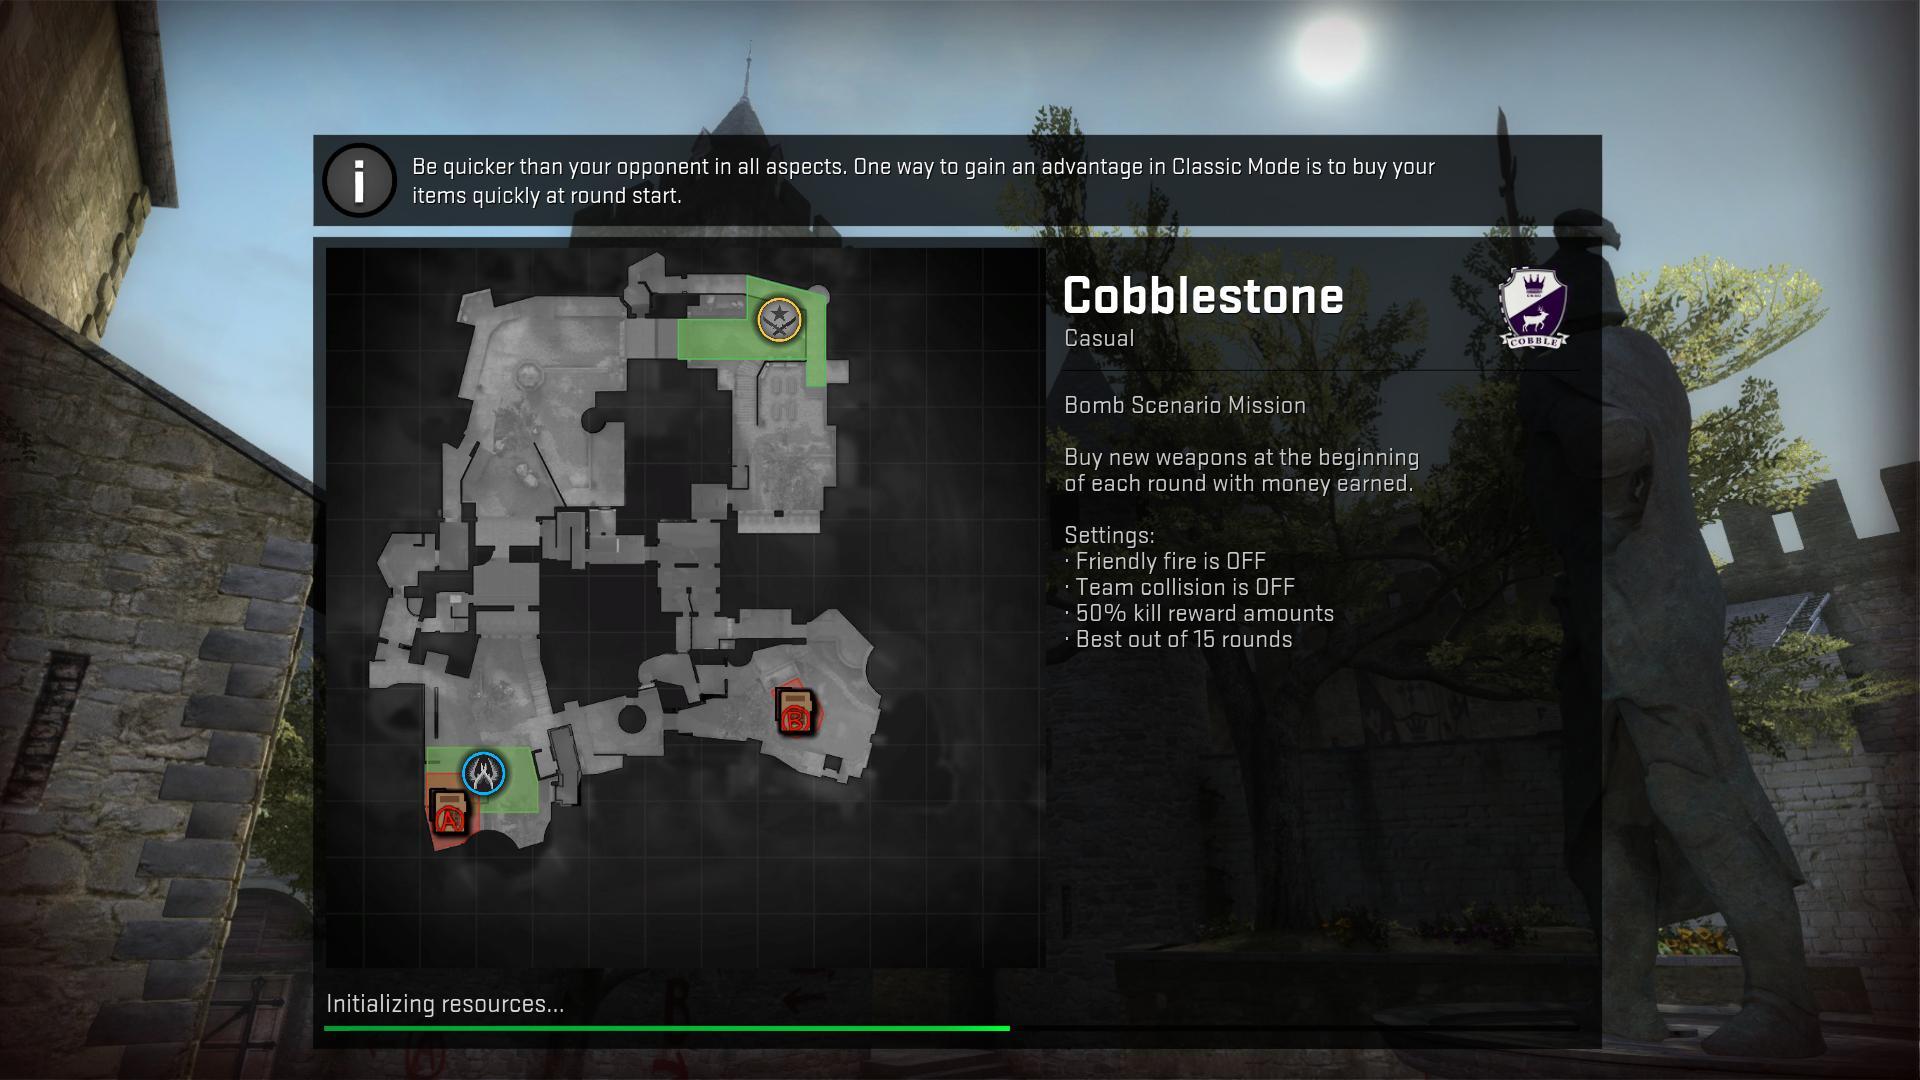 csgo cobblestone csgo screenshot - Gamingcfg com